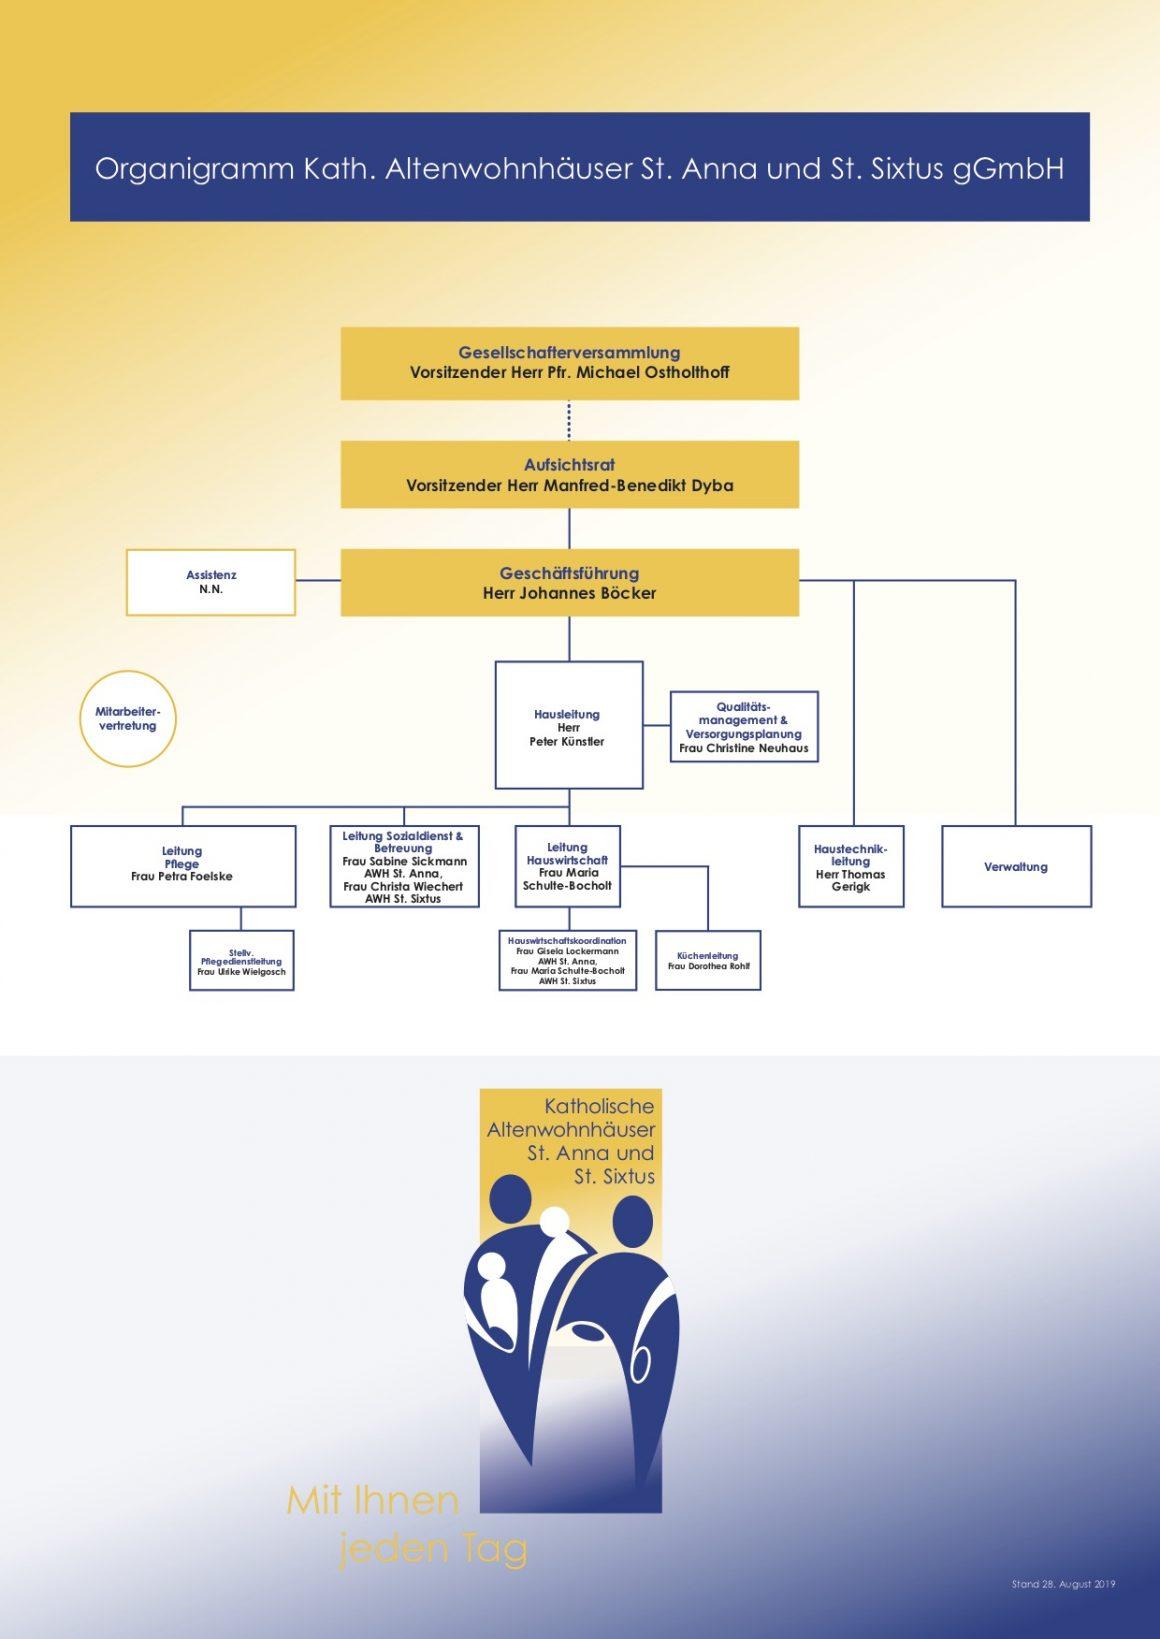 Organigramm KAWH 2019 V9 kurz